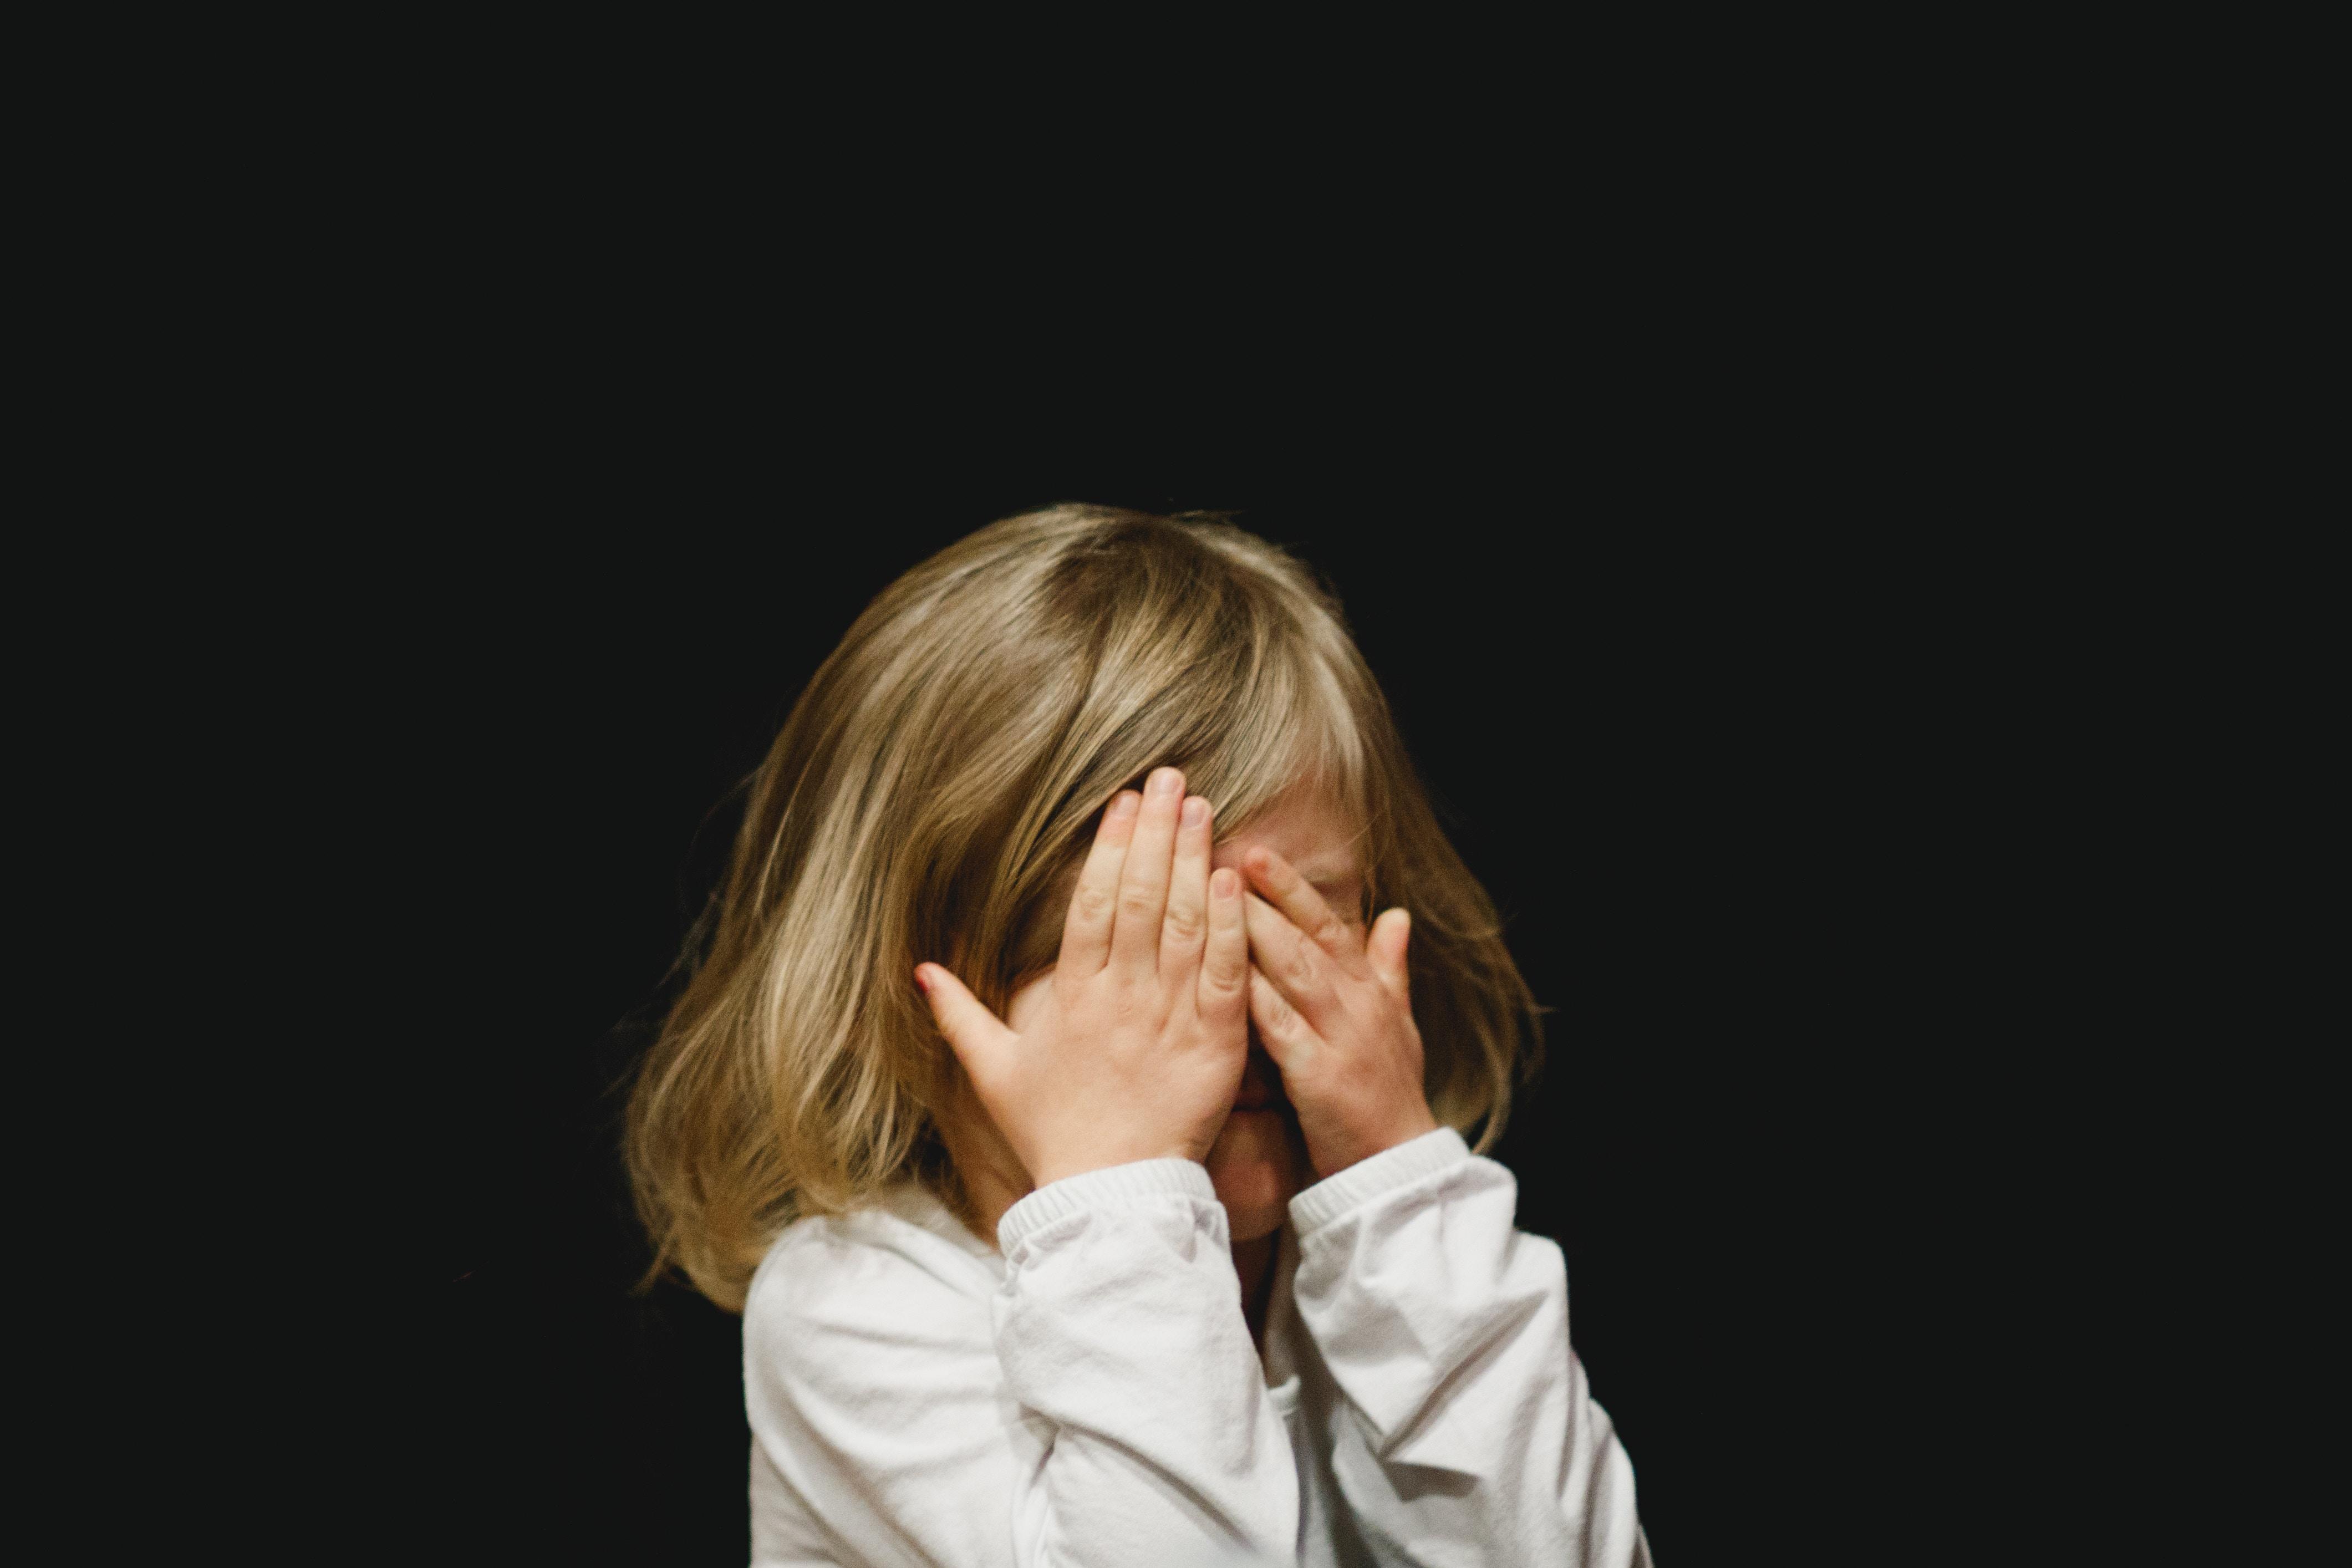 Wie Sie vermeiden können, dass Eltern kranke Kinder zur Kita bringen